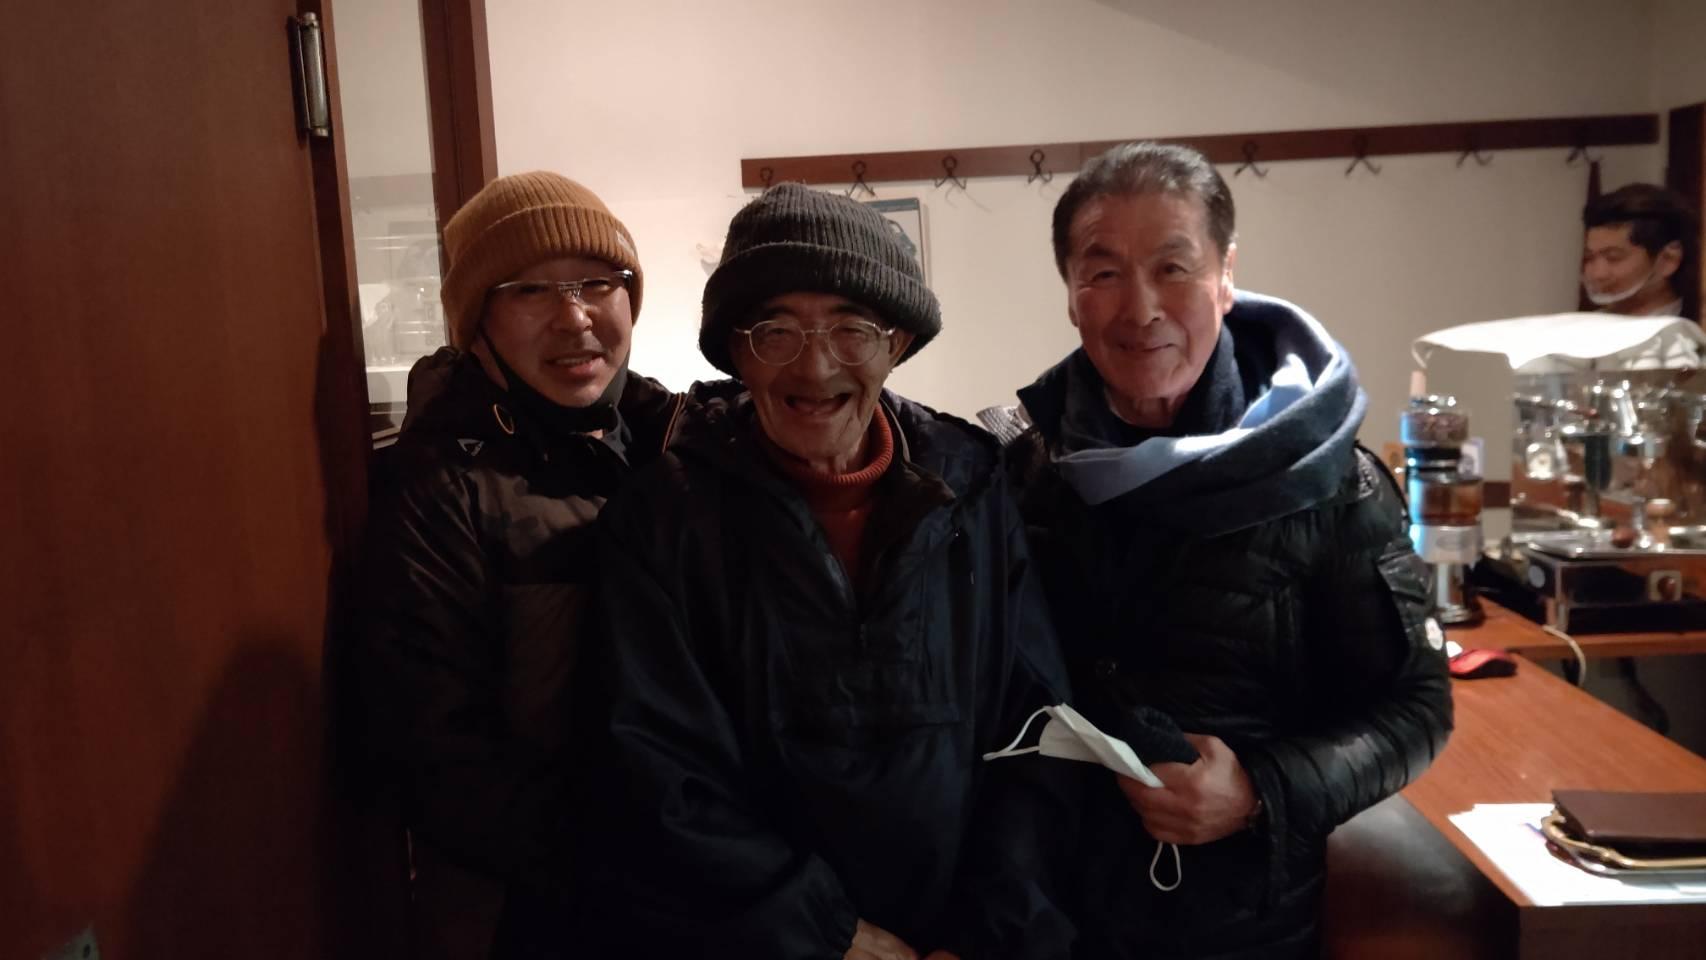 2021年5月開校のHokkido木村秋則自然栽培農学校の講義内容を木村秋則校長と村松弘康副校長と相談してきました。